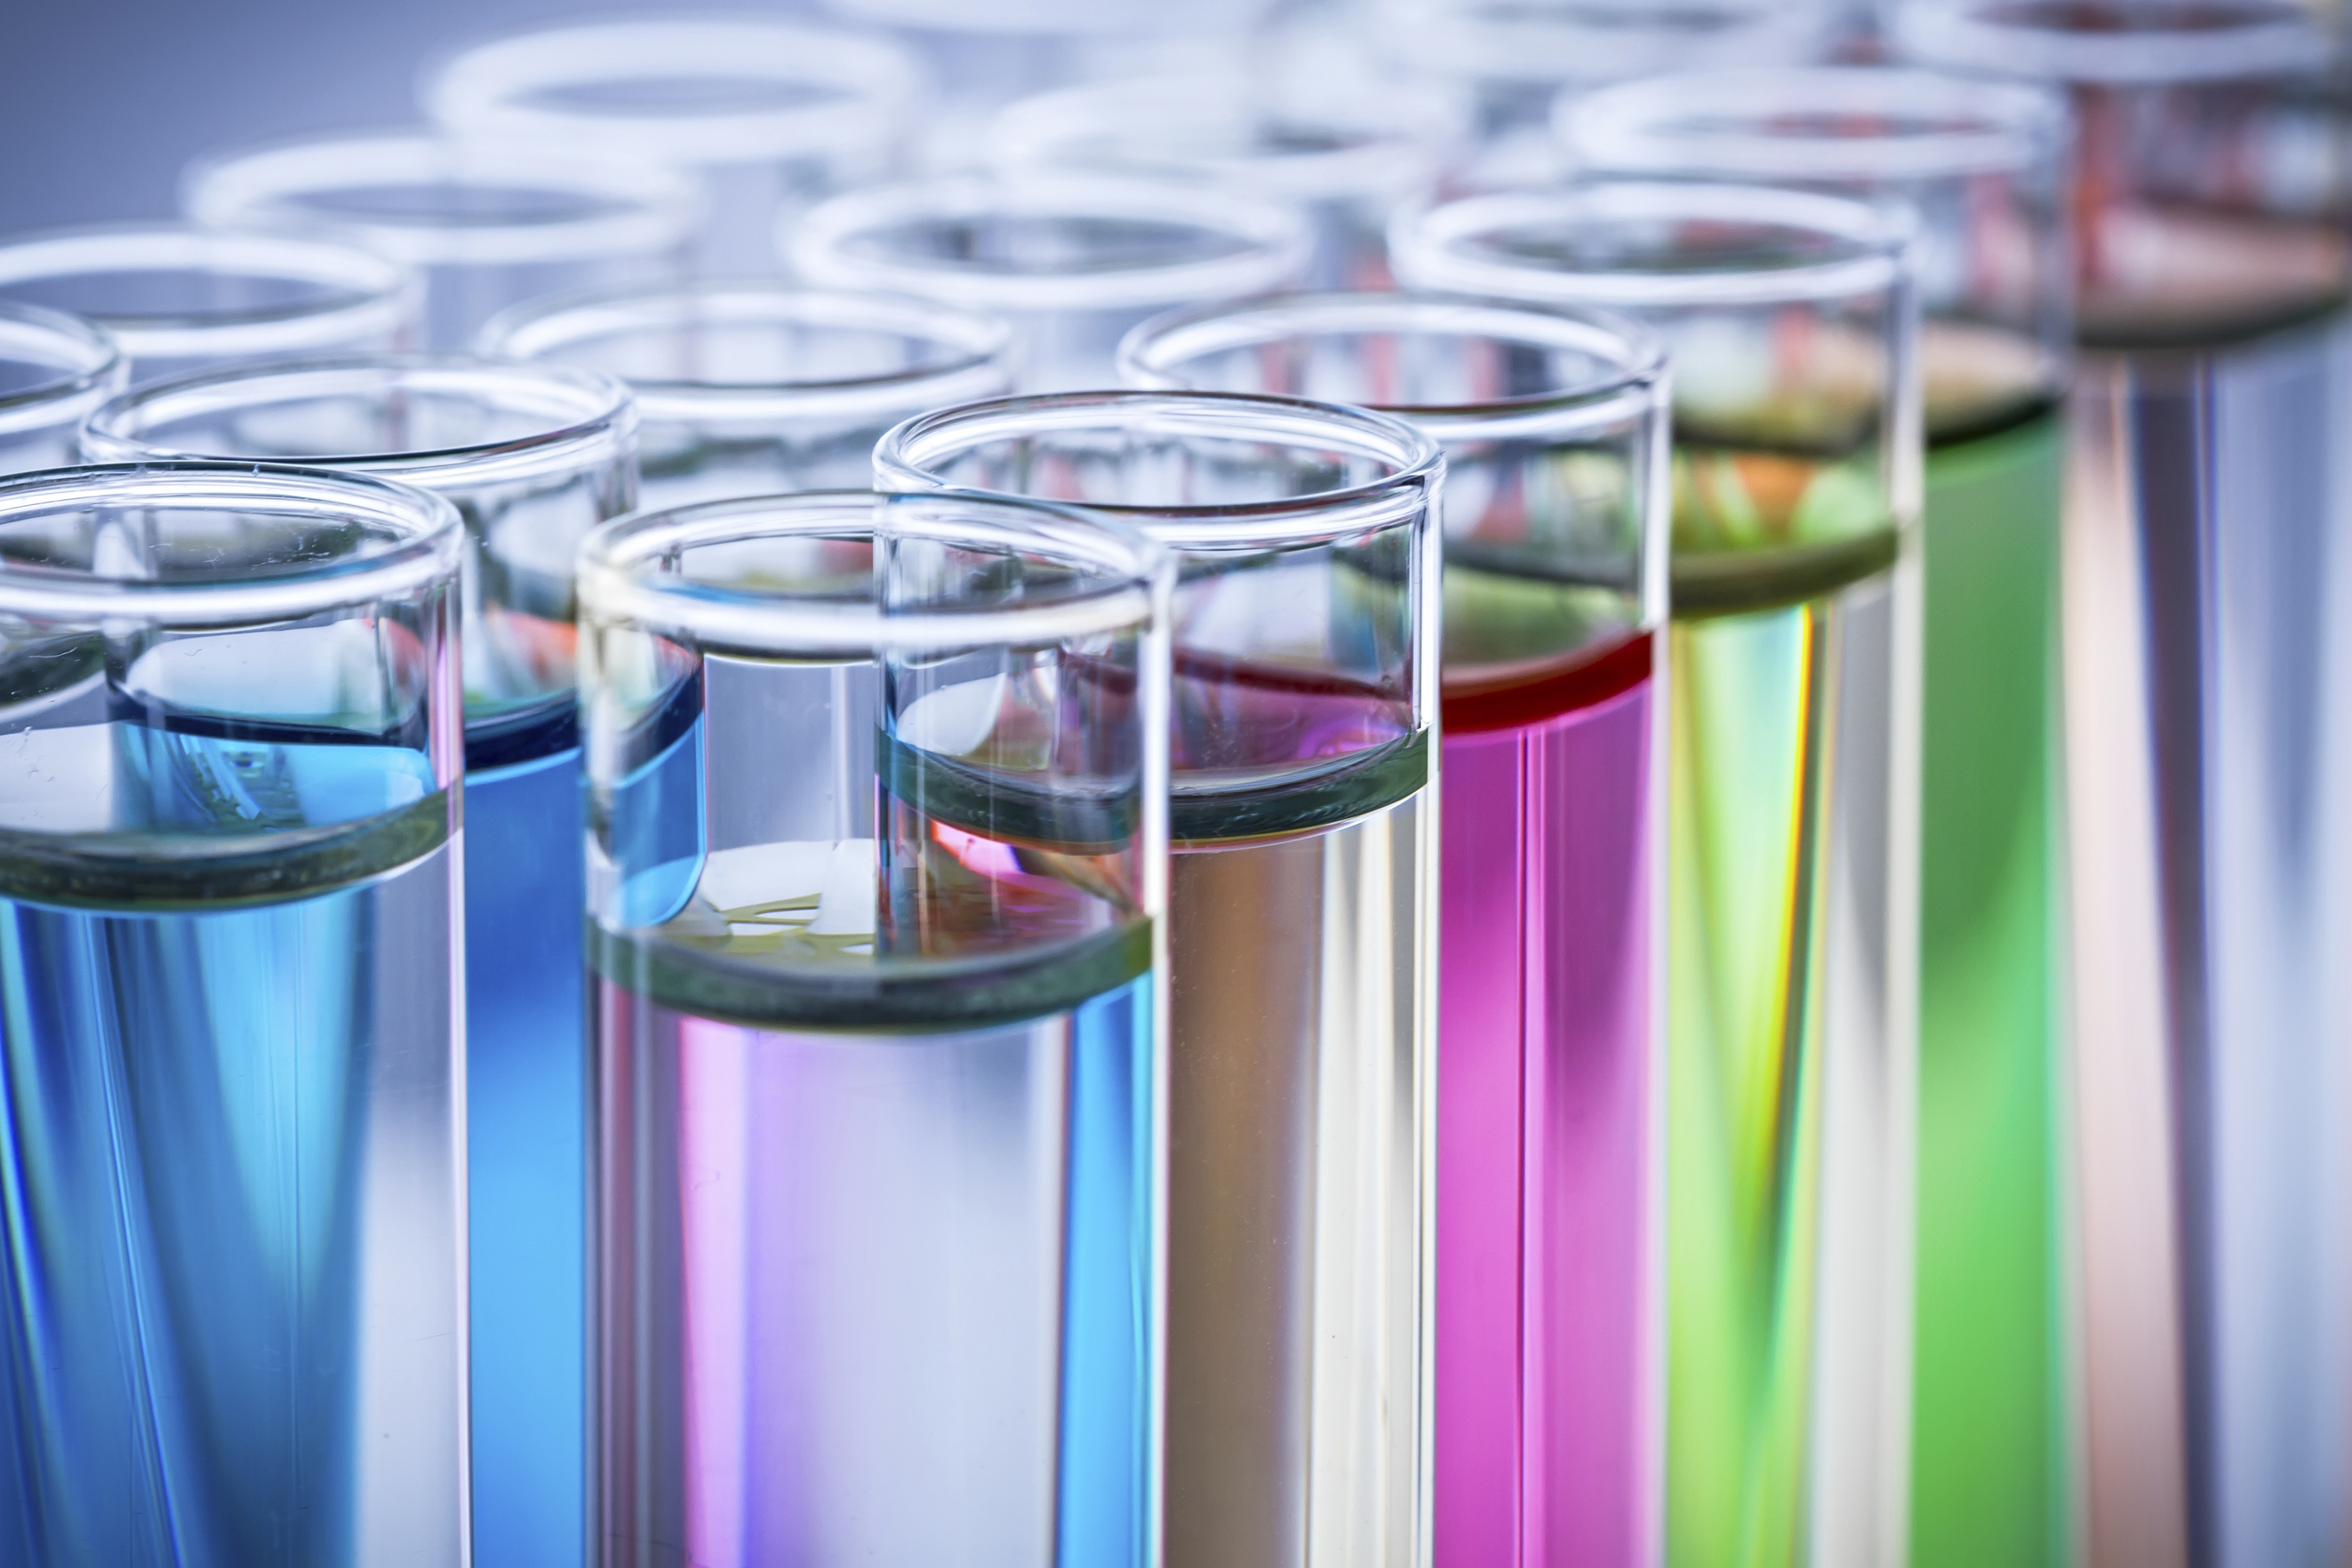 Test tubes photo